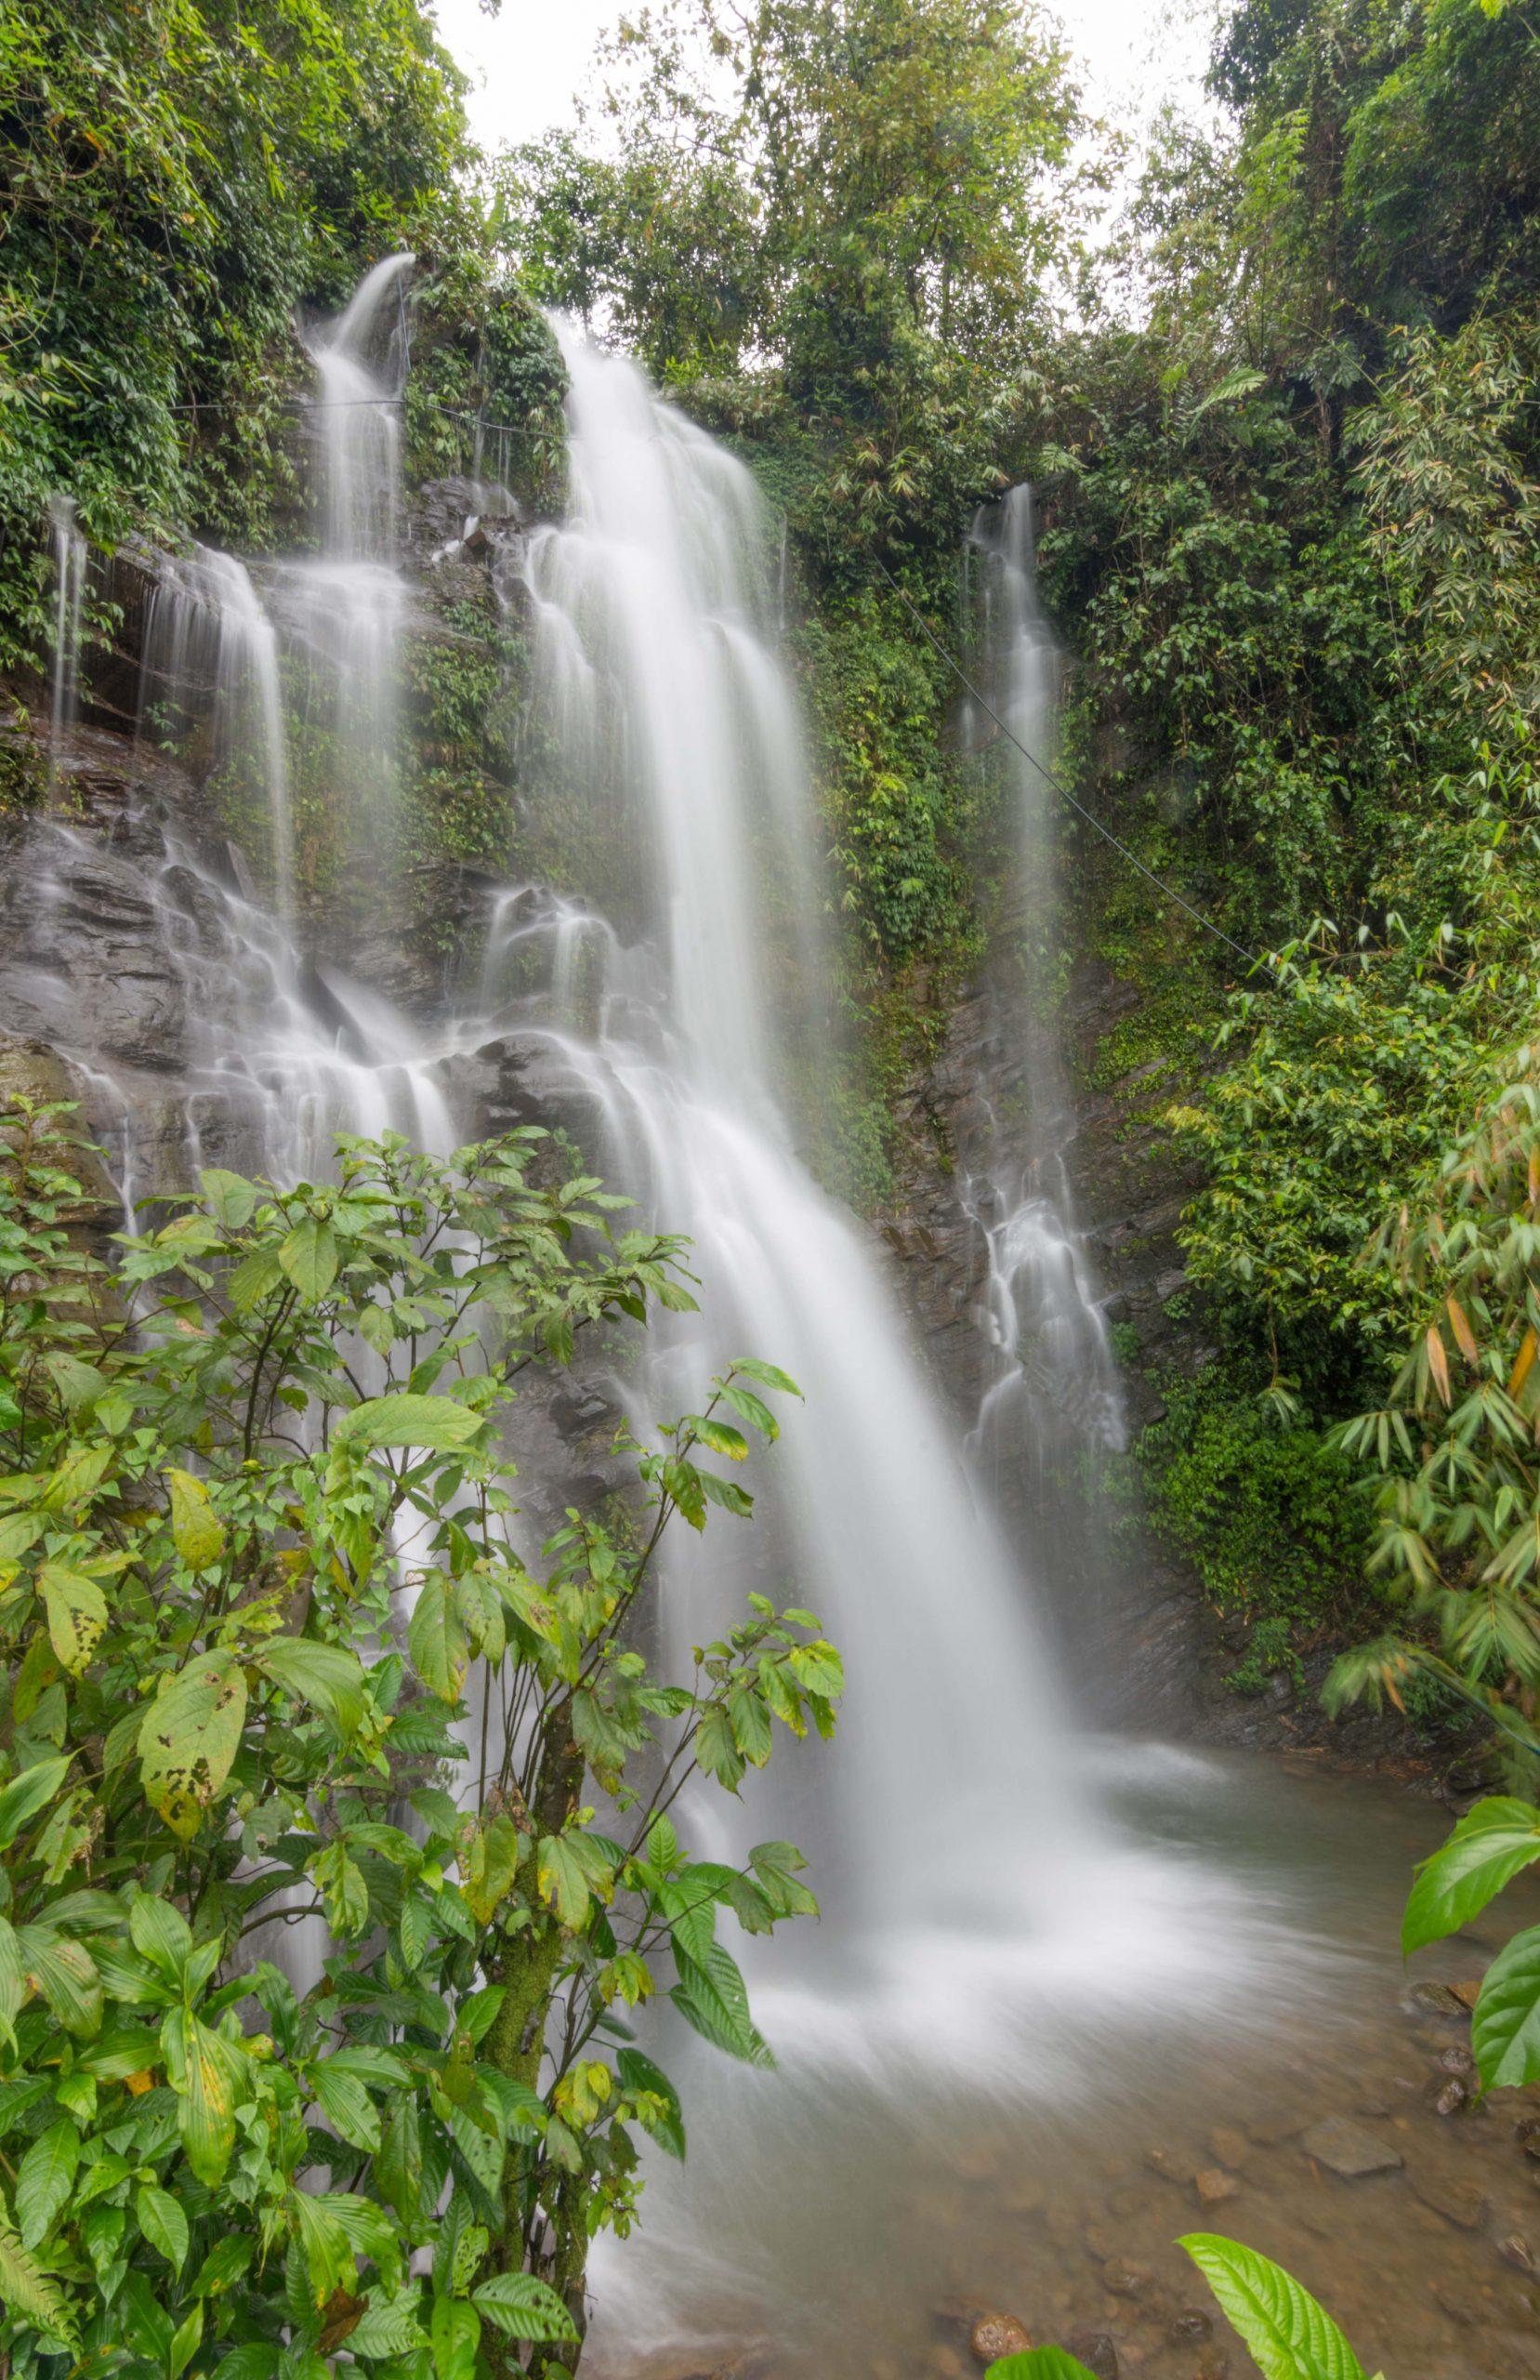 Meghalaya waterfall Clonned